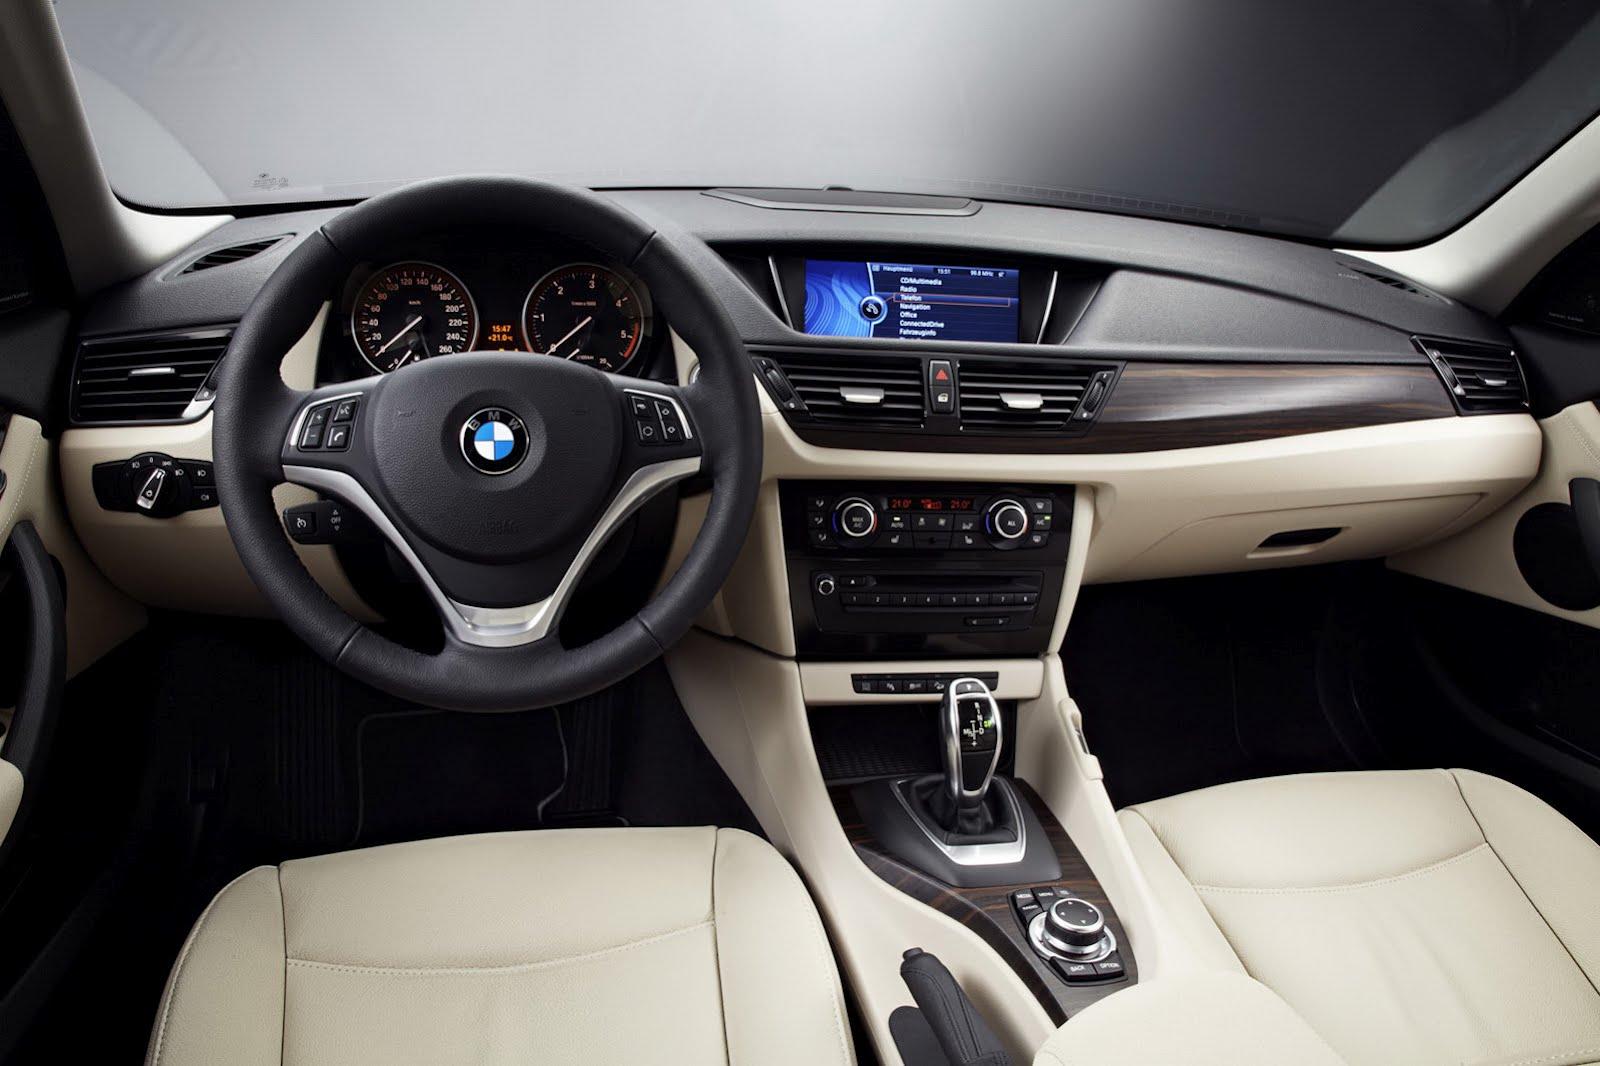 BMW X1 Reestilizado Aparece Em Primeiras Omagens Oficias Wallpapers Download